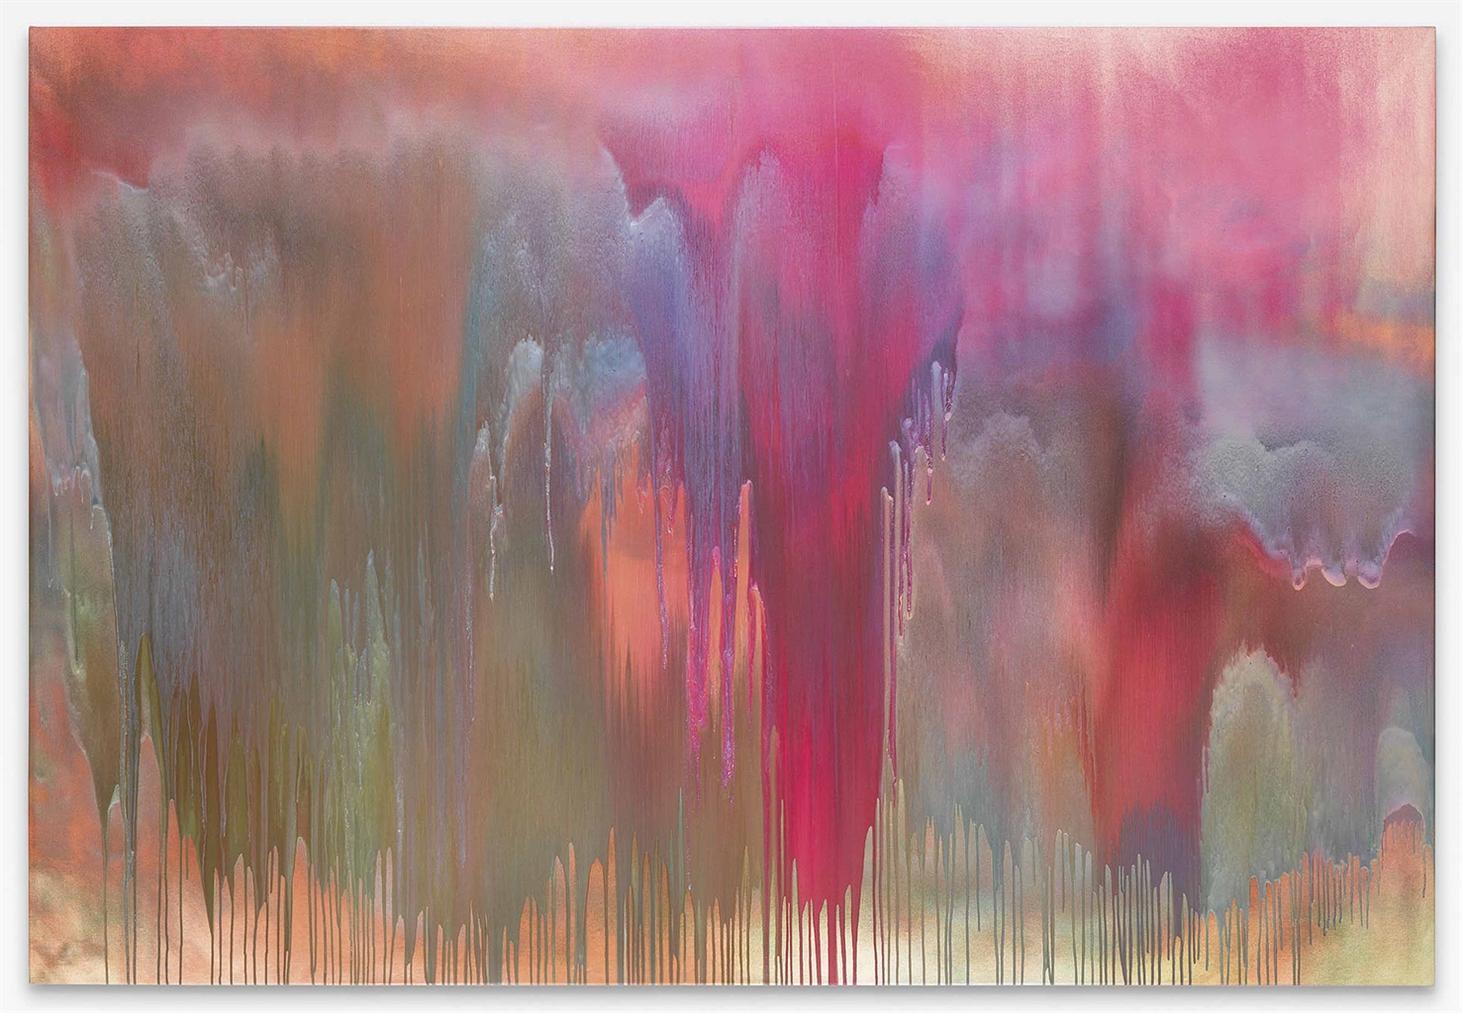 Katharina Grosse-Untitled-2000